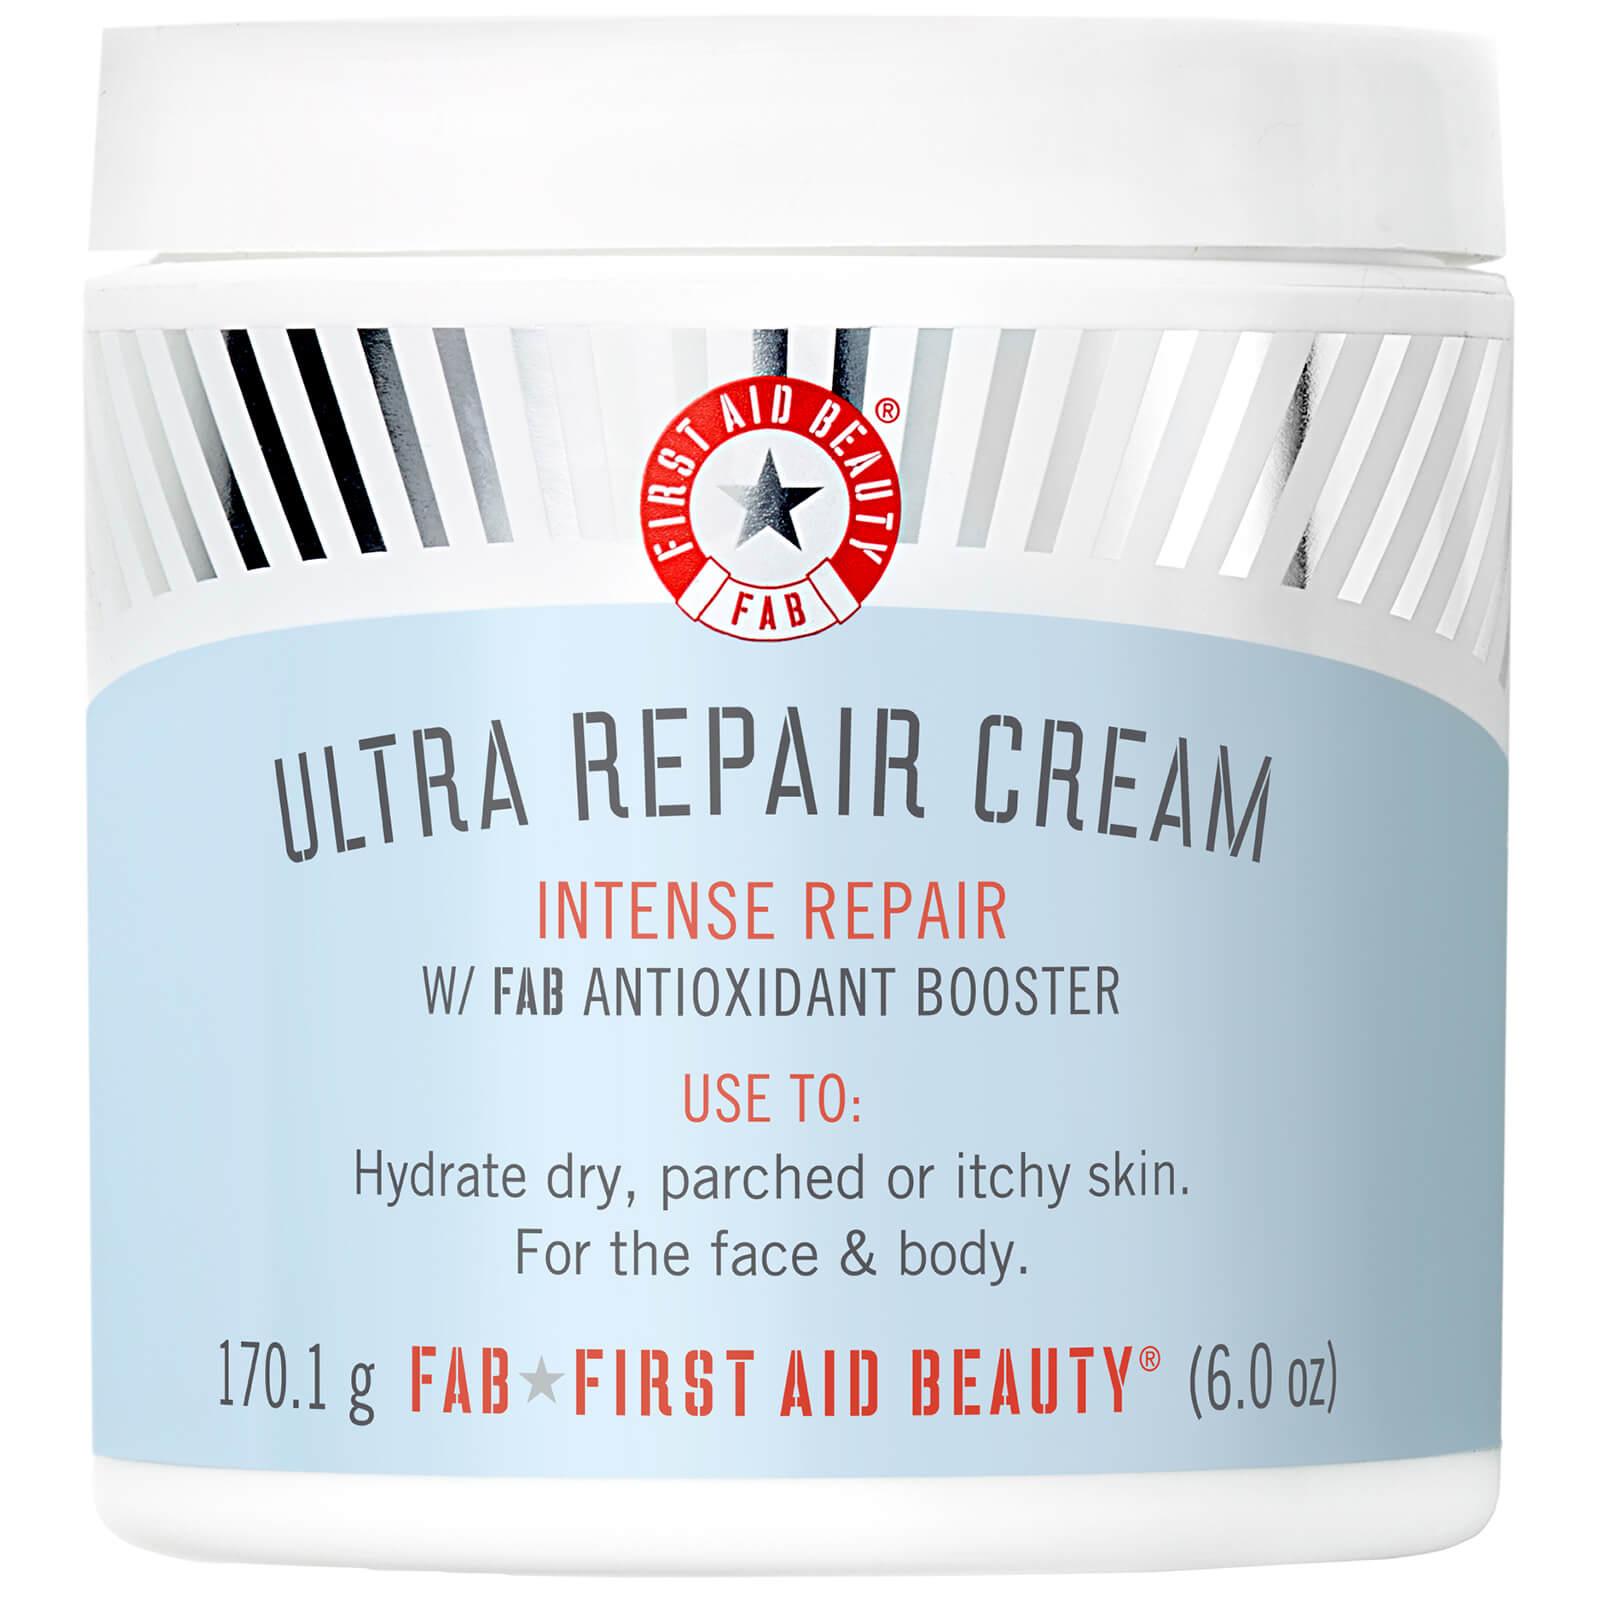 First Aid Beauty Ultra Repair Cream (170g) (Worth £27.00)